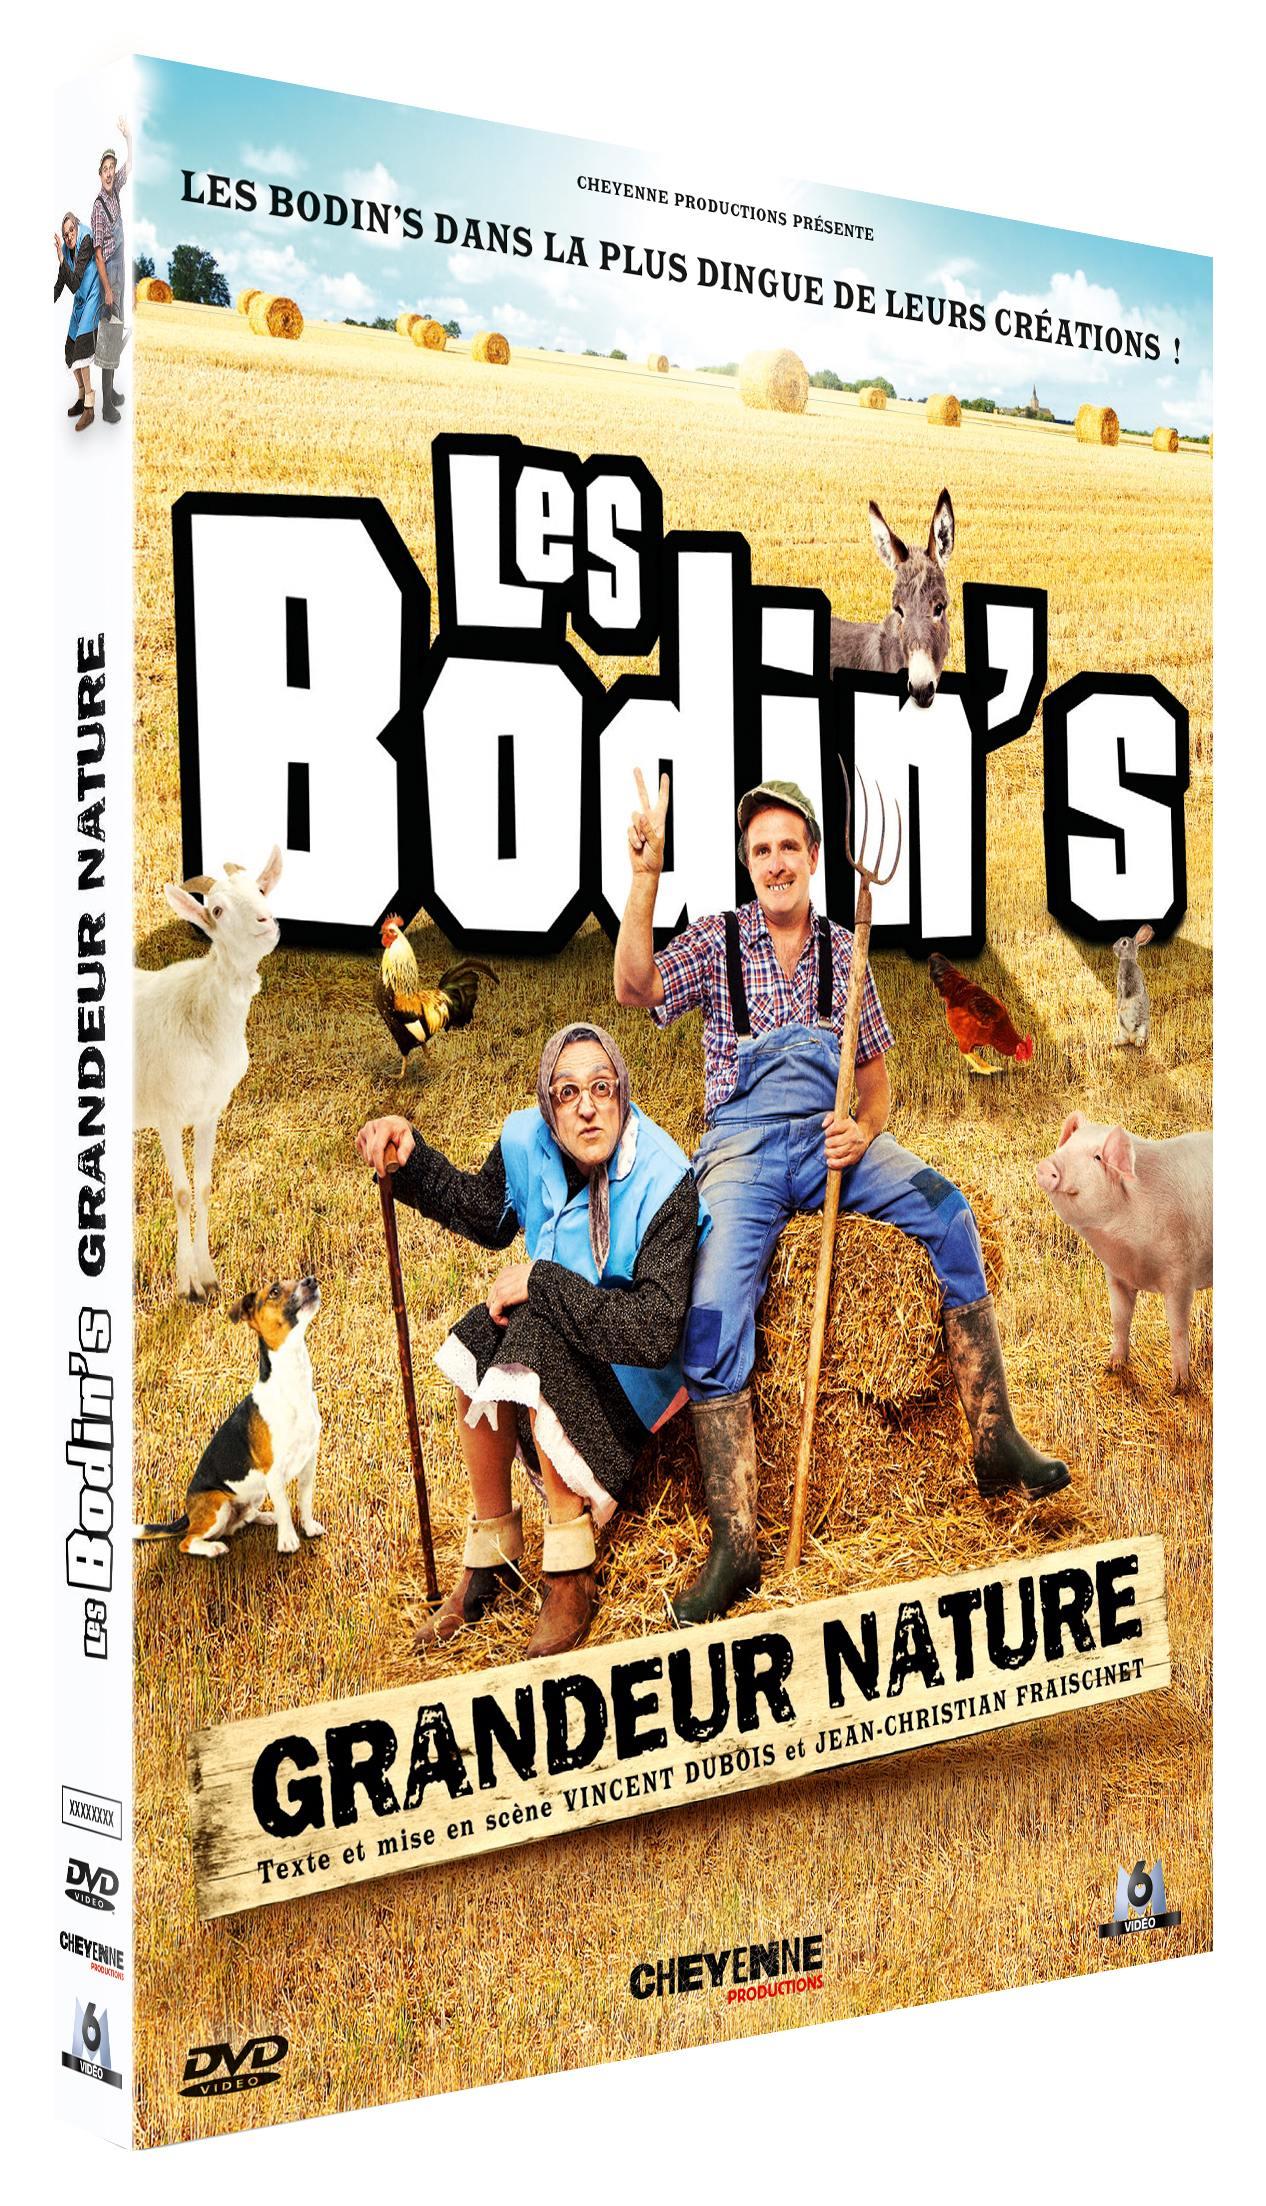 Les bodin's grandeur nature edition 2019 - 2 dvd